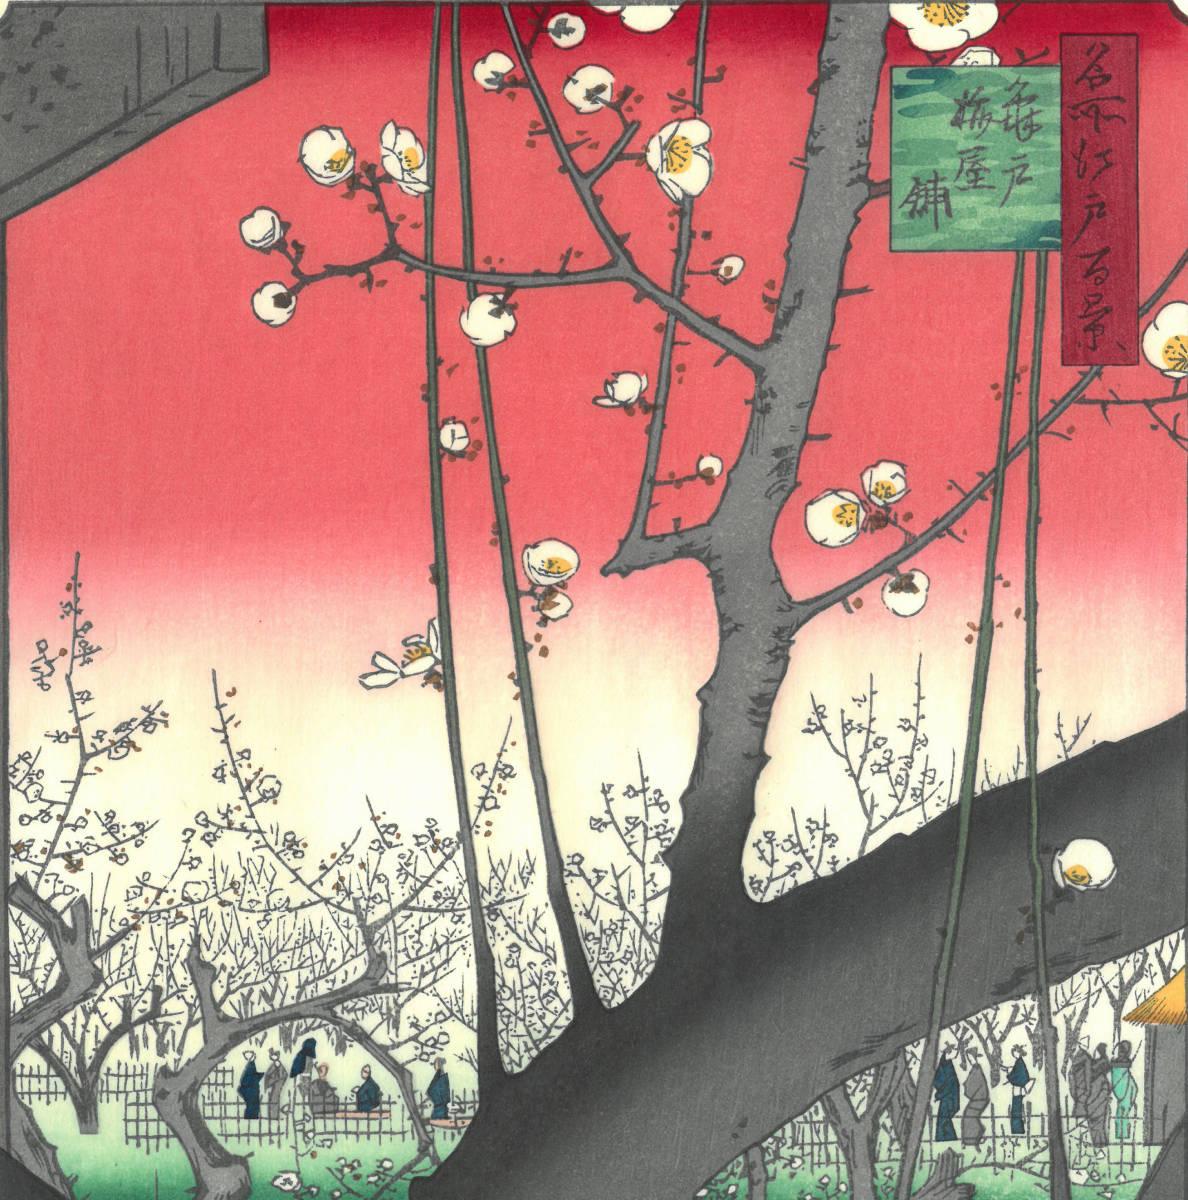 歌川広重 (Utagawa Hiroshige) 木版画 江戸百景 #30. 亀戸梅屋舗 初版1856-58年頃 広重の木版画の真の素晴らしさをご堪能下さい!_画像5